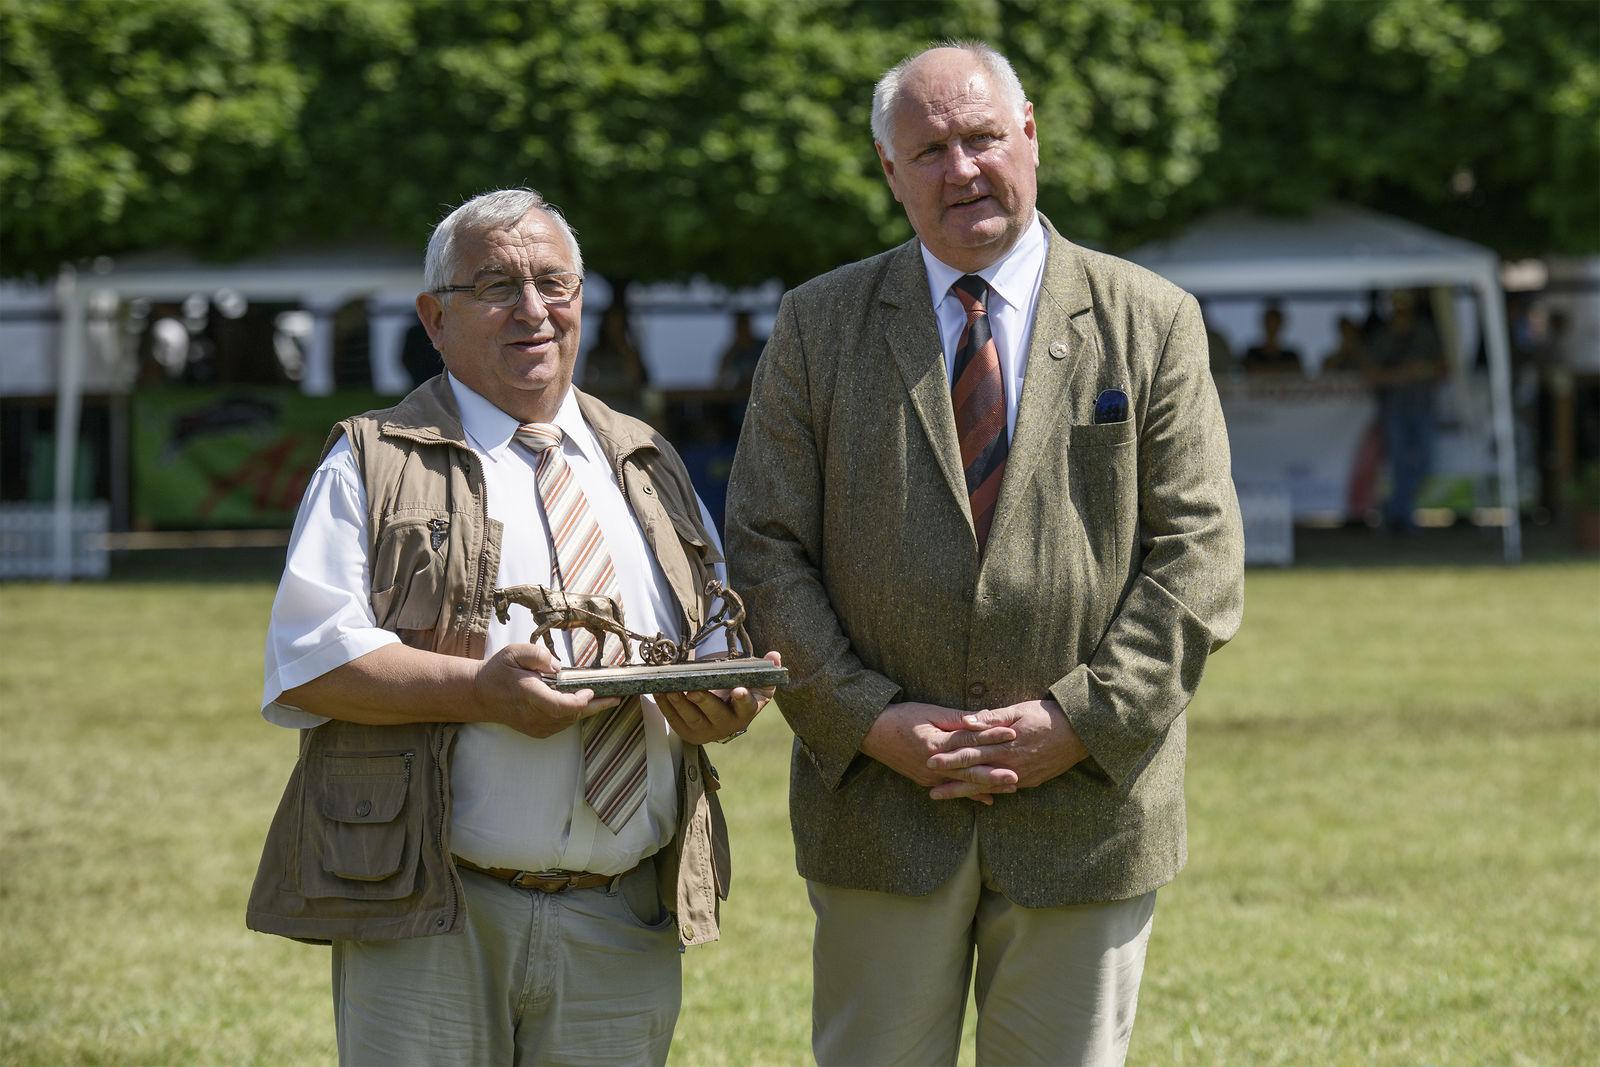 A Holstein nagydíjat Baranyai Sándor, a Szarvasmarha Tenyésztők Szövetségének elnöke adta át Tóth Istvánnak, a kft. ügyvezető igazgatójának.